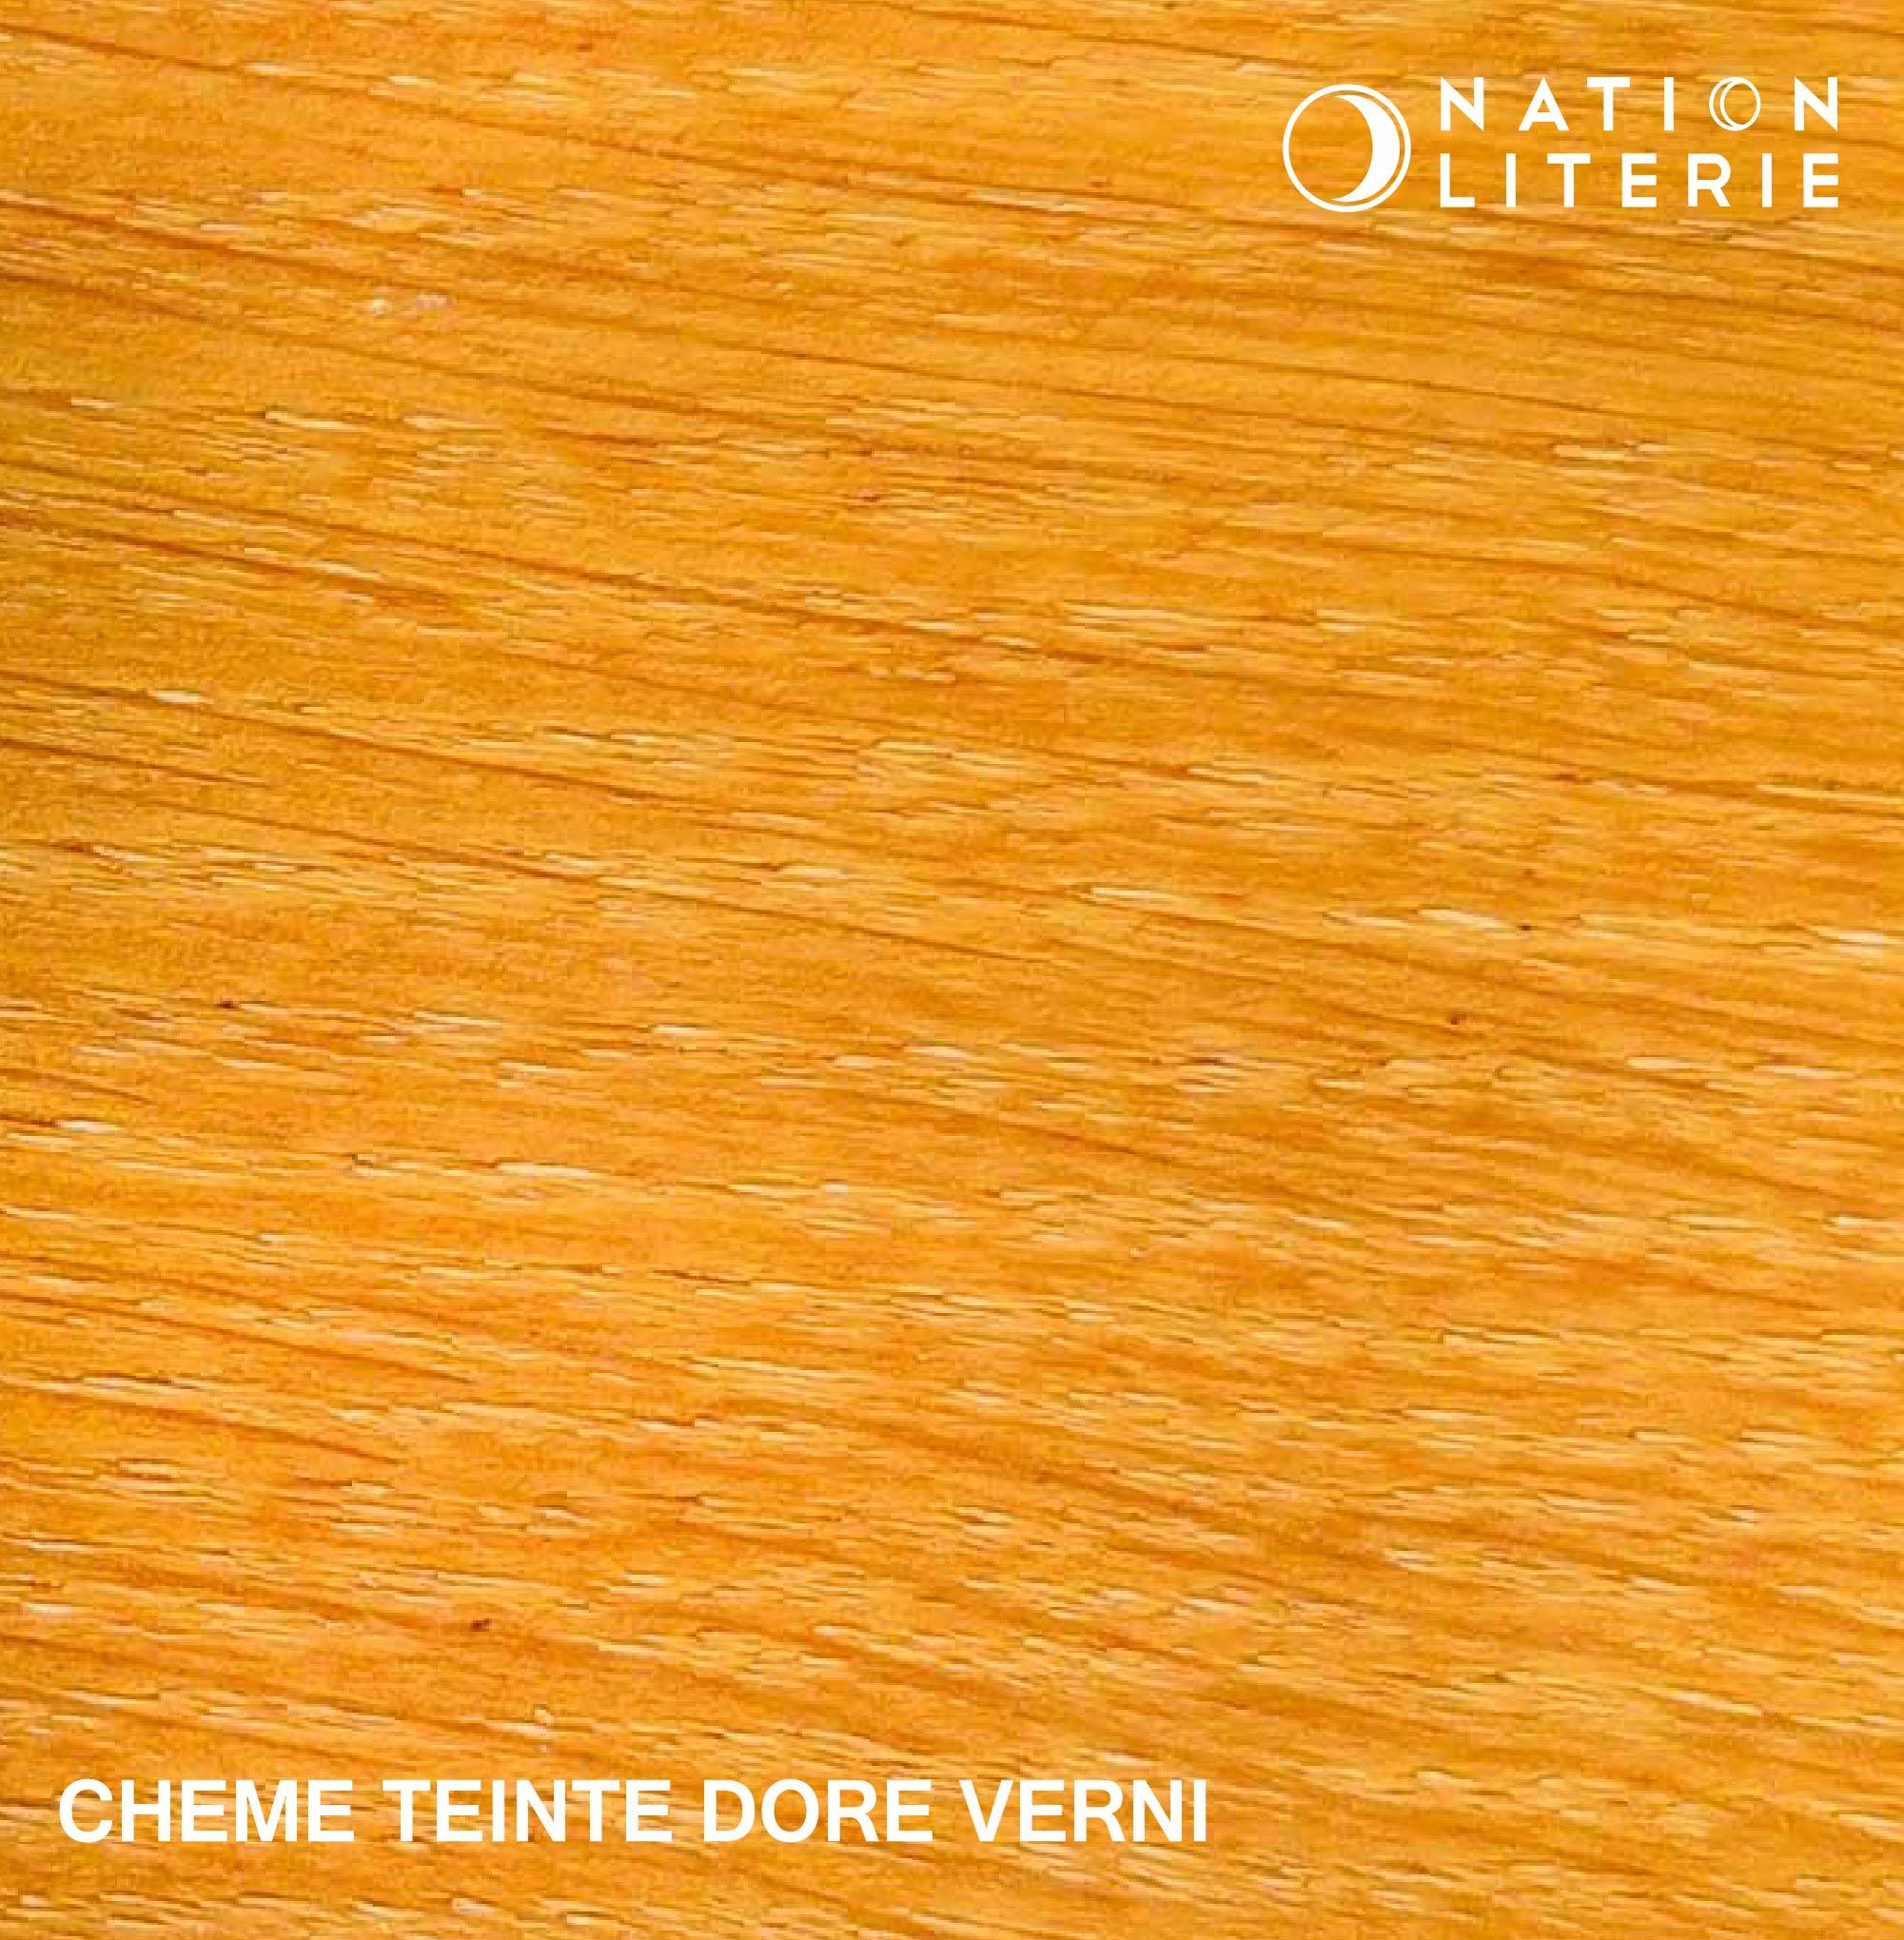 Chêne teinté doré vernis